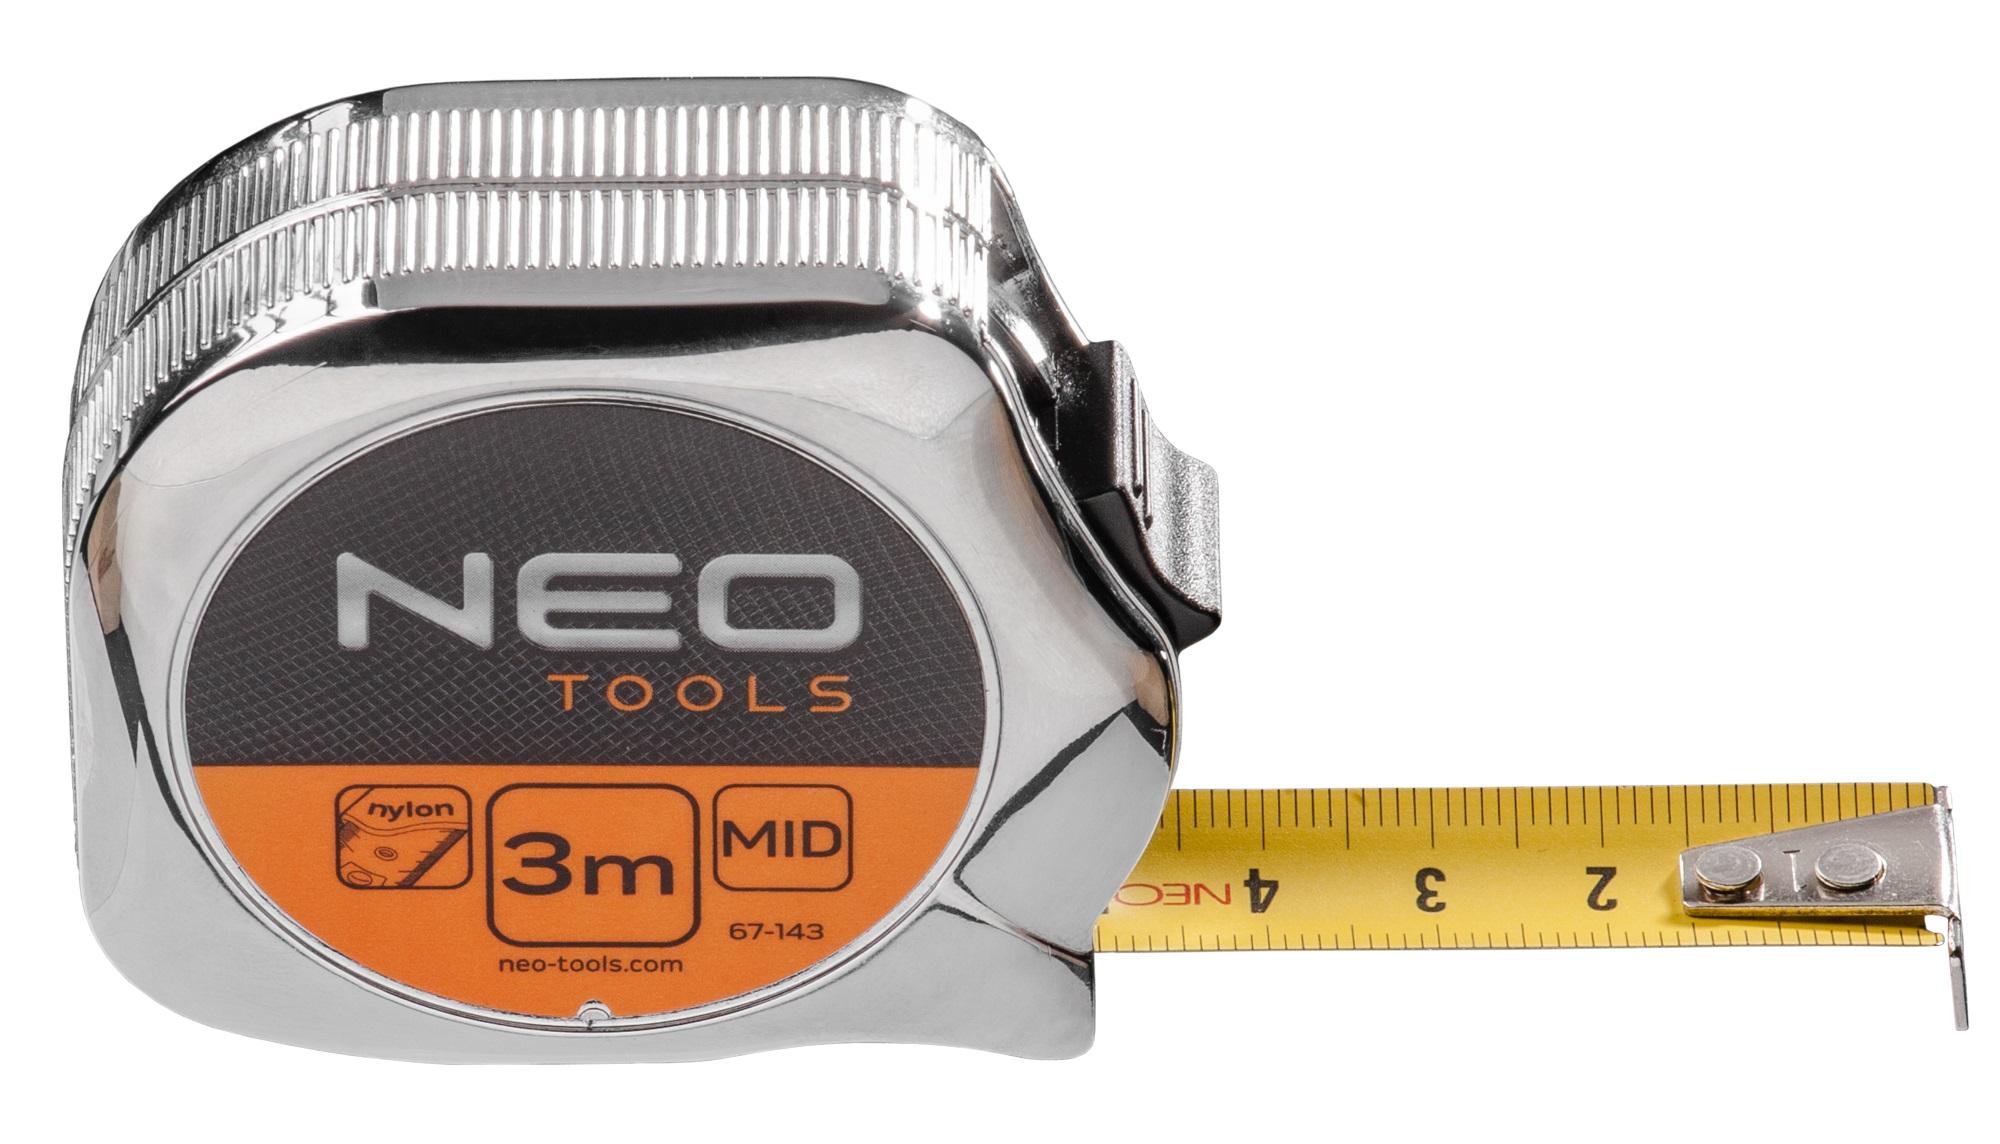 Neo Tools 67-143 Рулетка, сталева стрiчка3 м x 16 мм